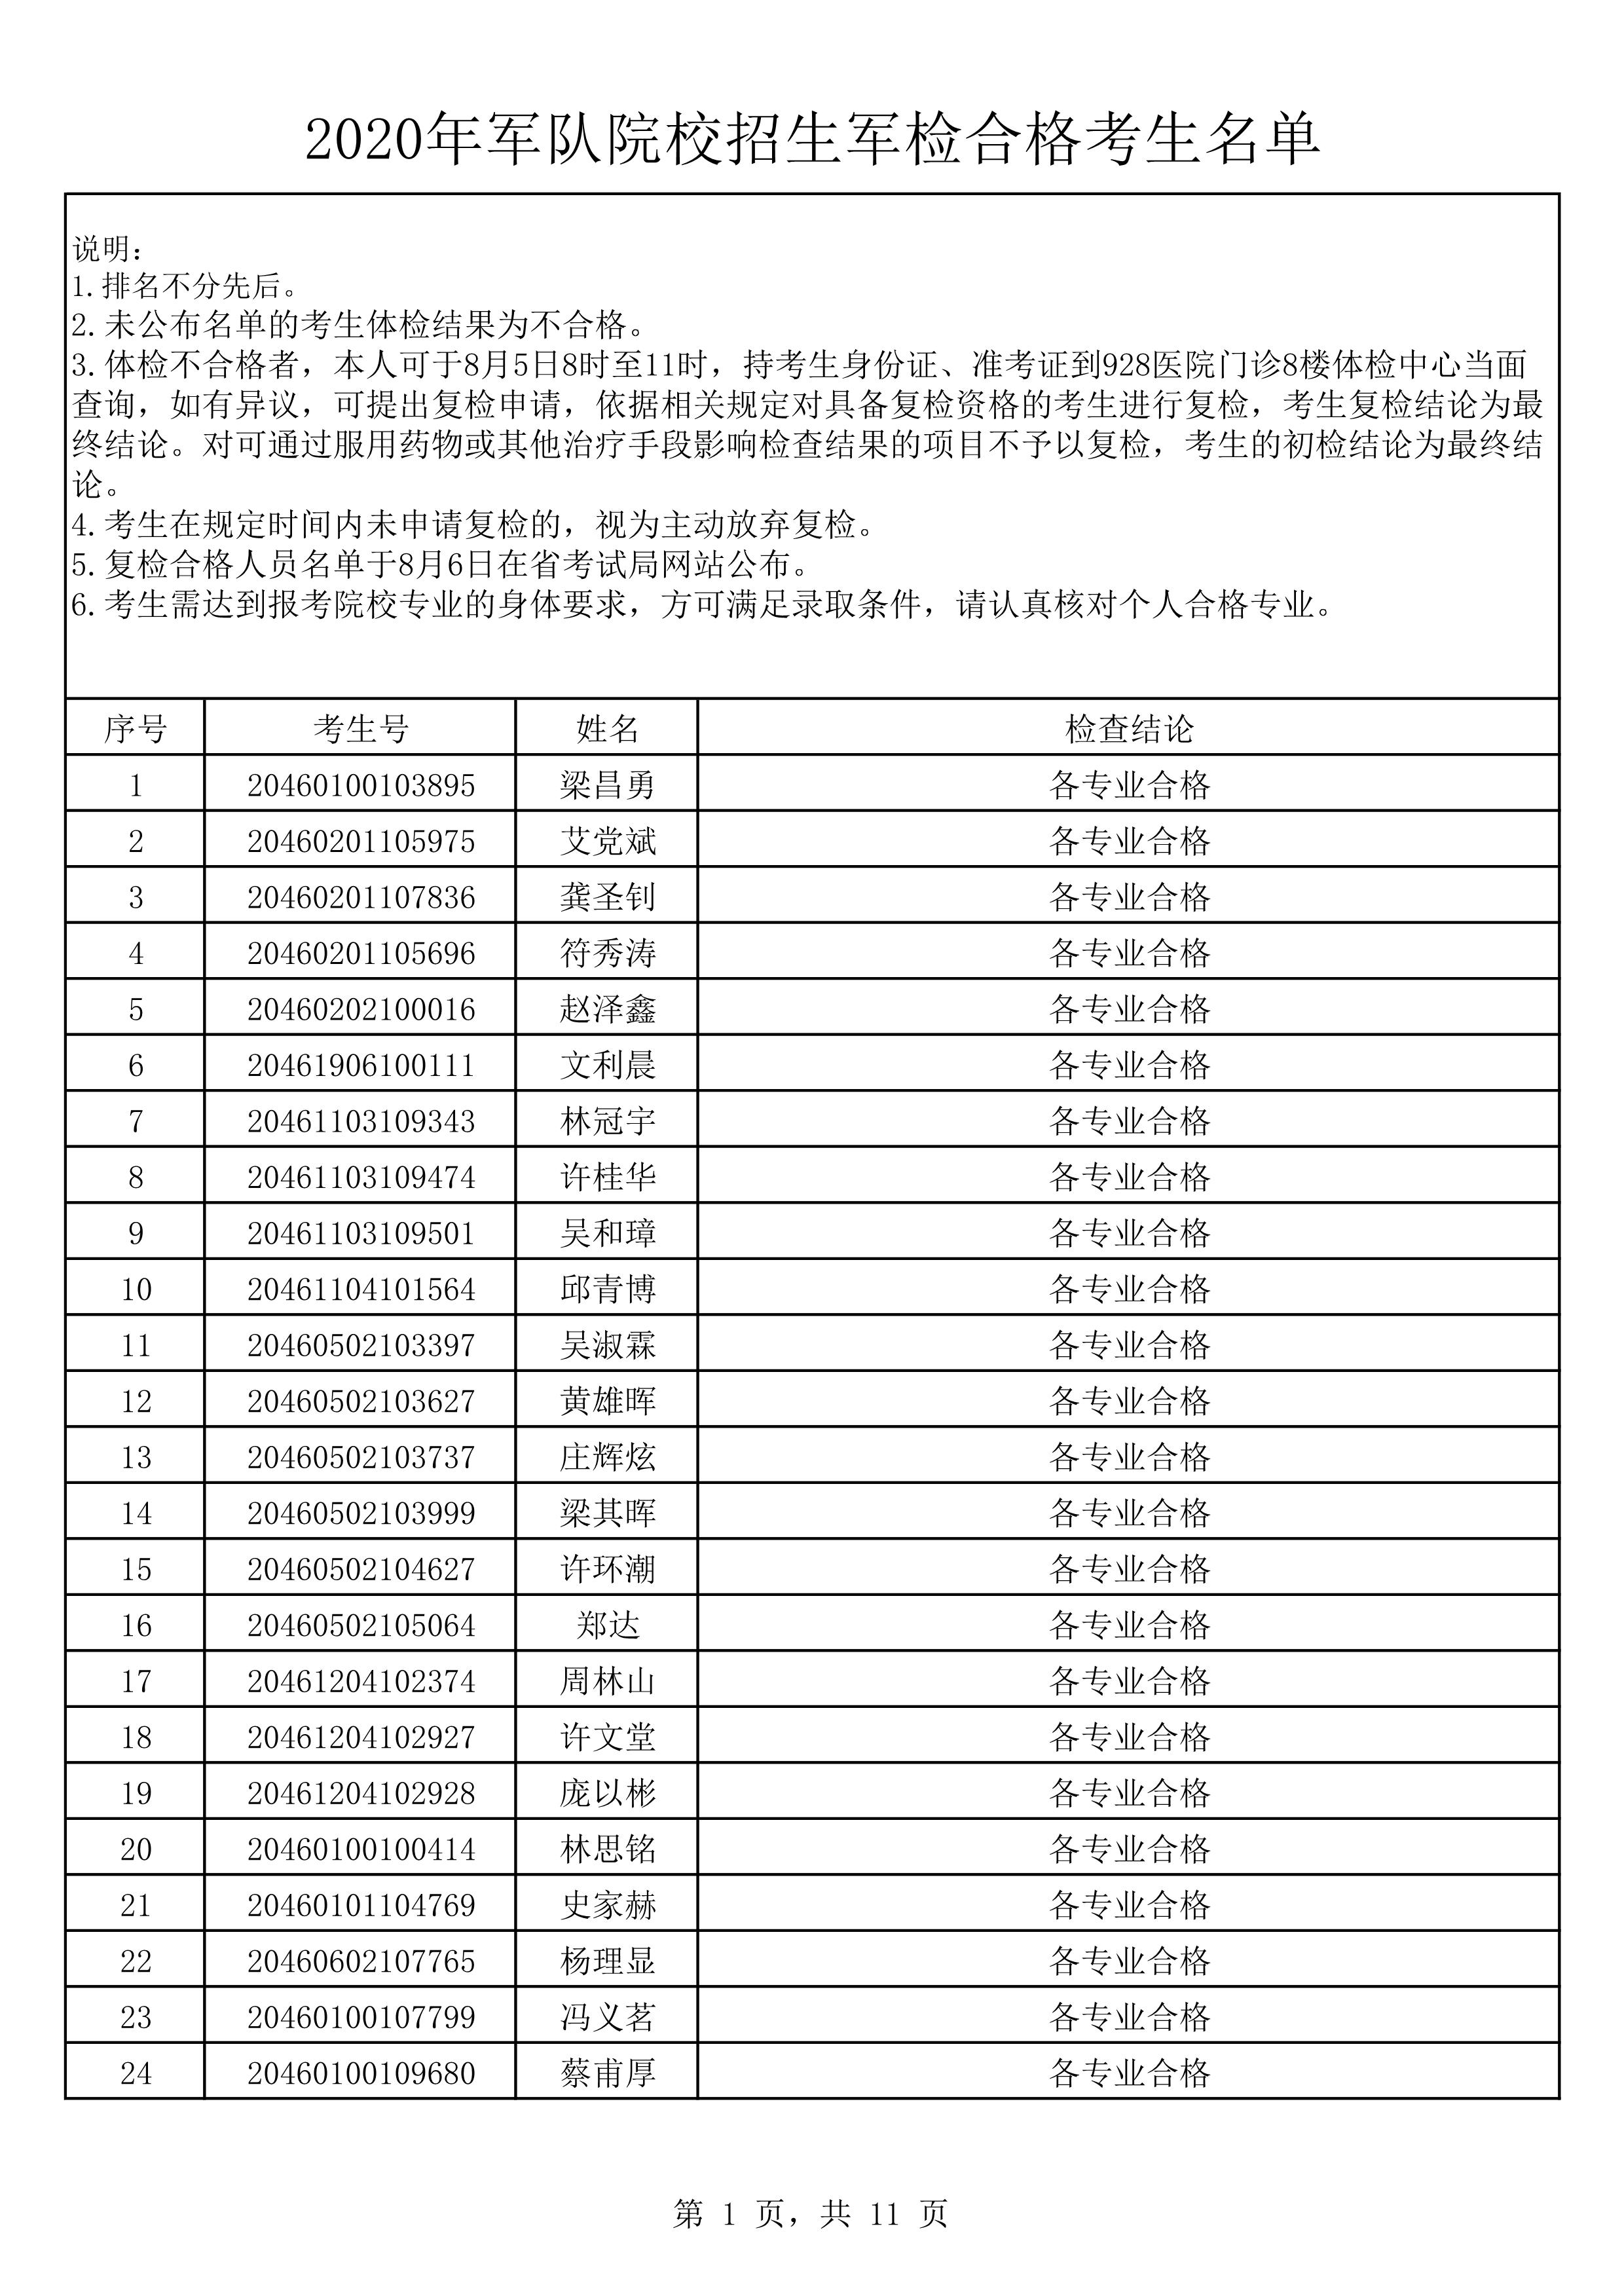 2020年军队院校招生军检合格考生名单2_1.jpg